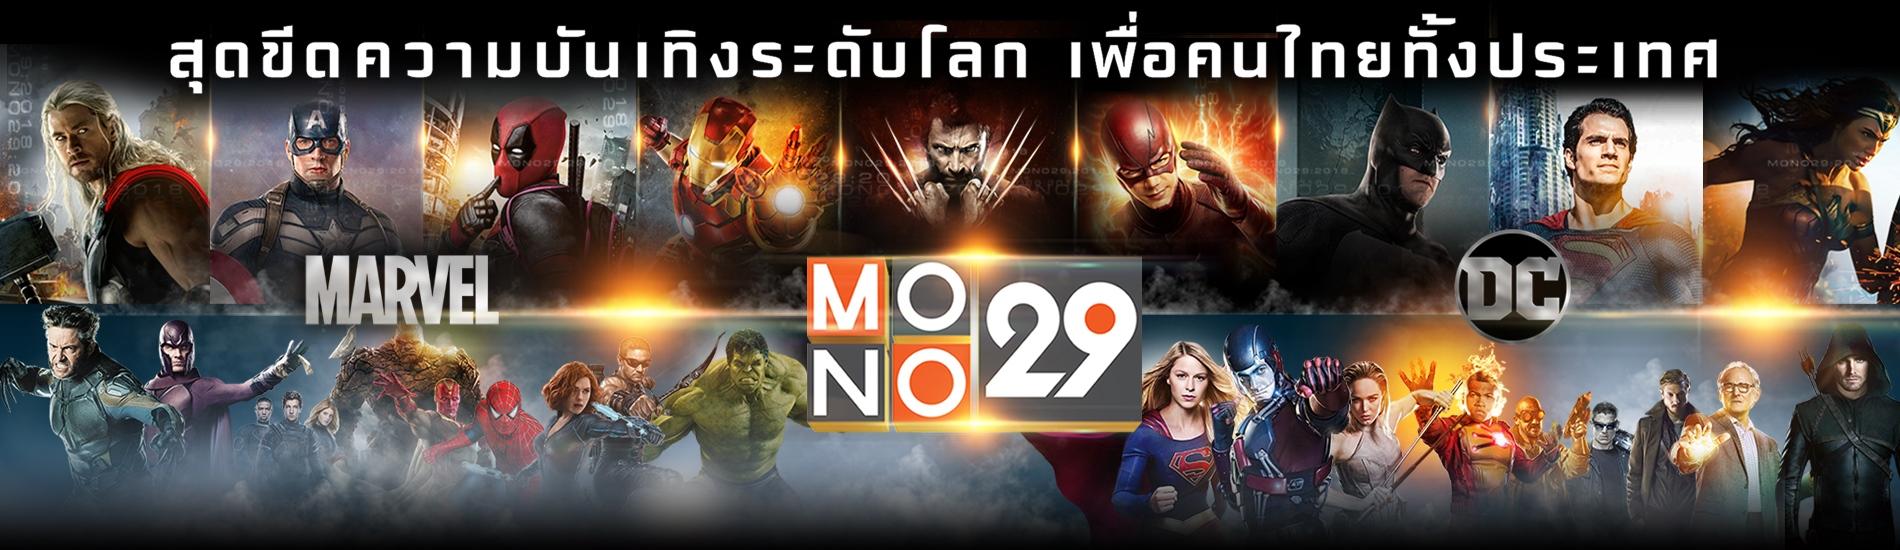 ขอบคุณทุกแรงใจ สู่ความยิ่งใหญ่ทีวีไทย